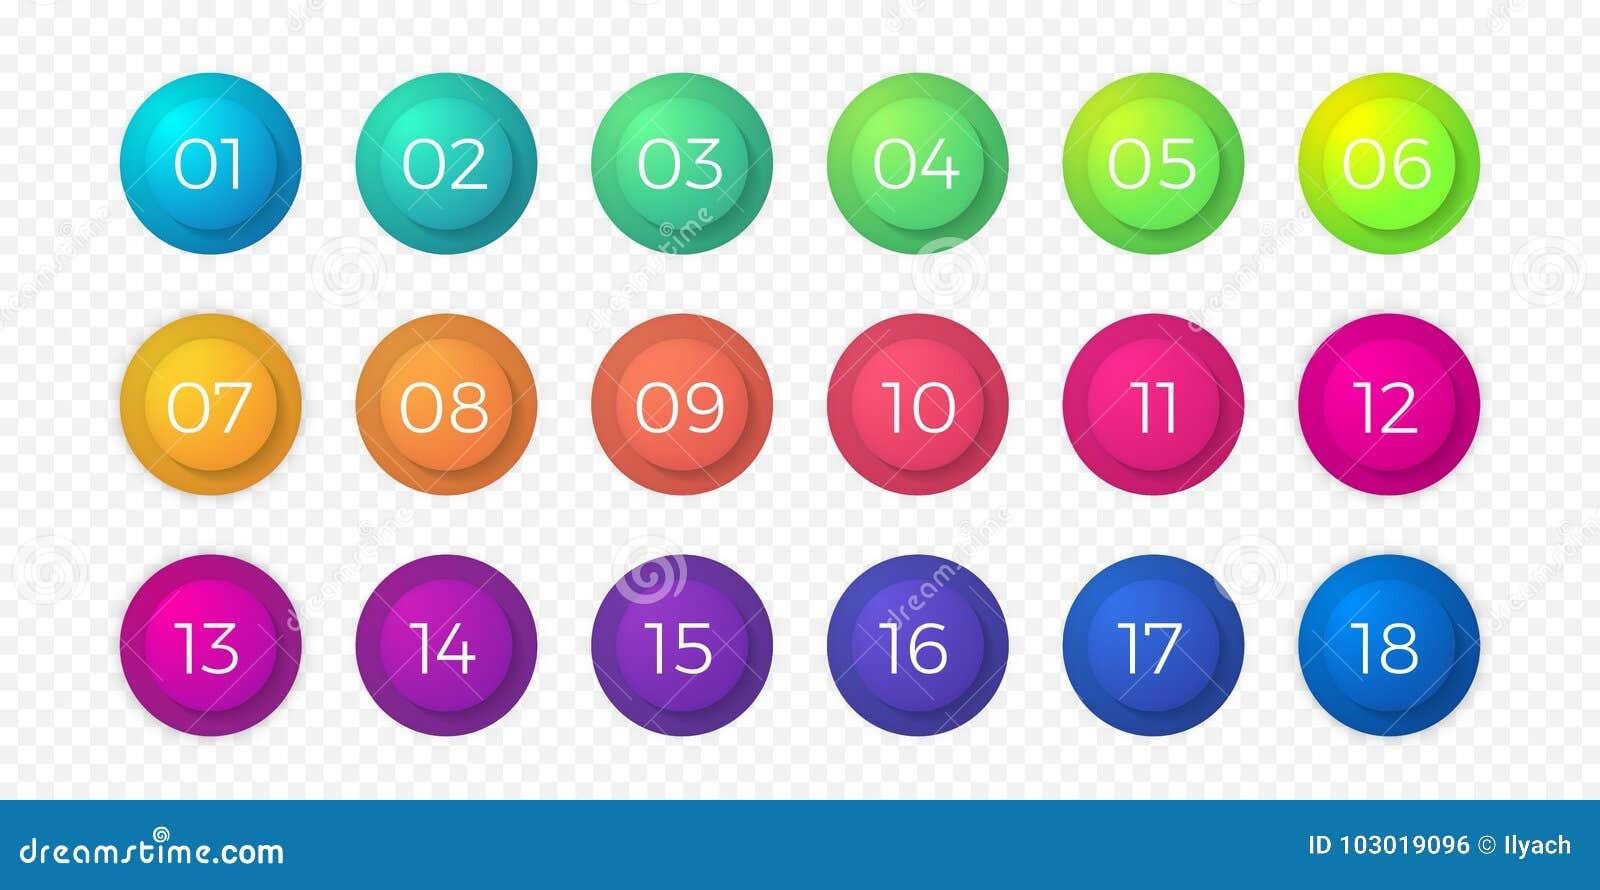 Numere los iconos planos del círculo del vector del botón del web de la pendiente del color del punto de bala